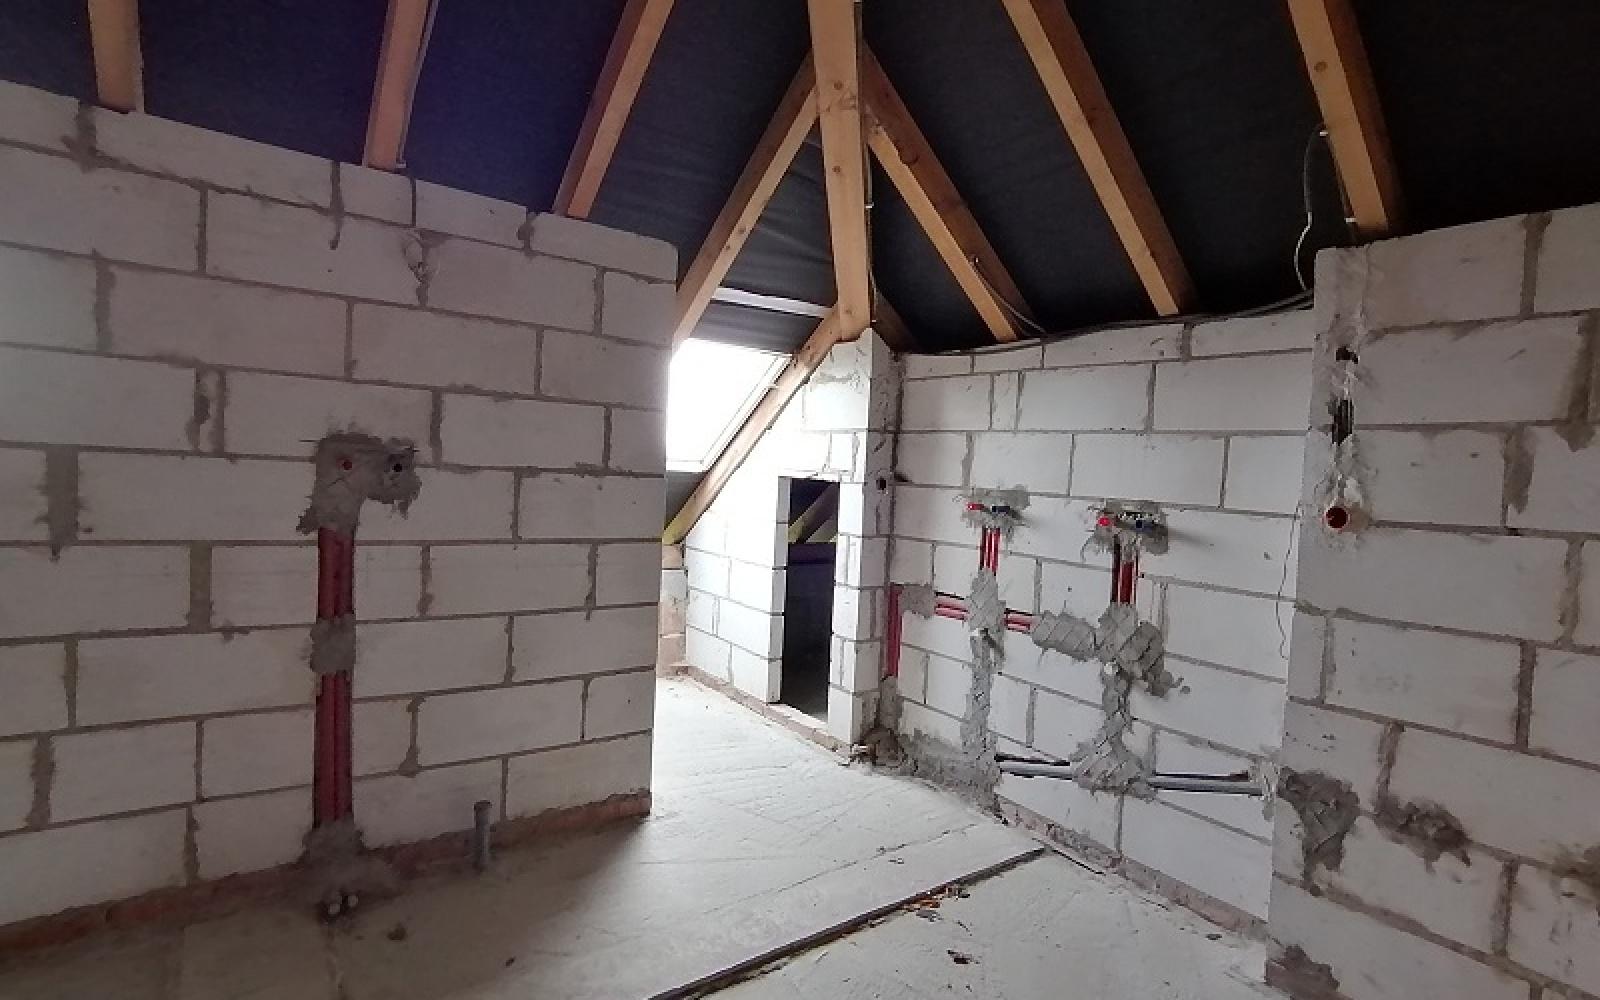 3 Bedrooms Bedrooms, 5 Rooms Rooms,2 BathroomsBathrooms,Domy,Sprzedaż,1100